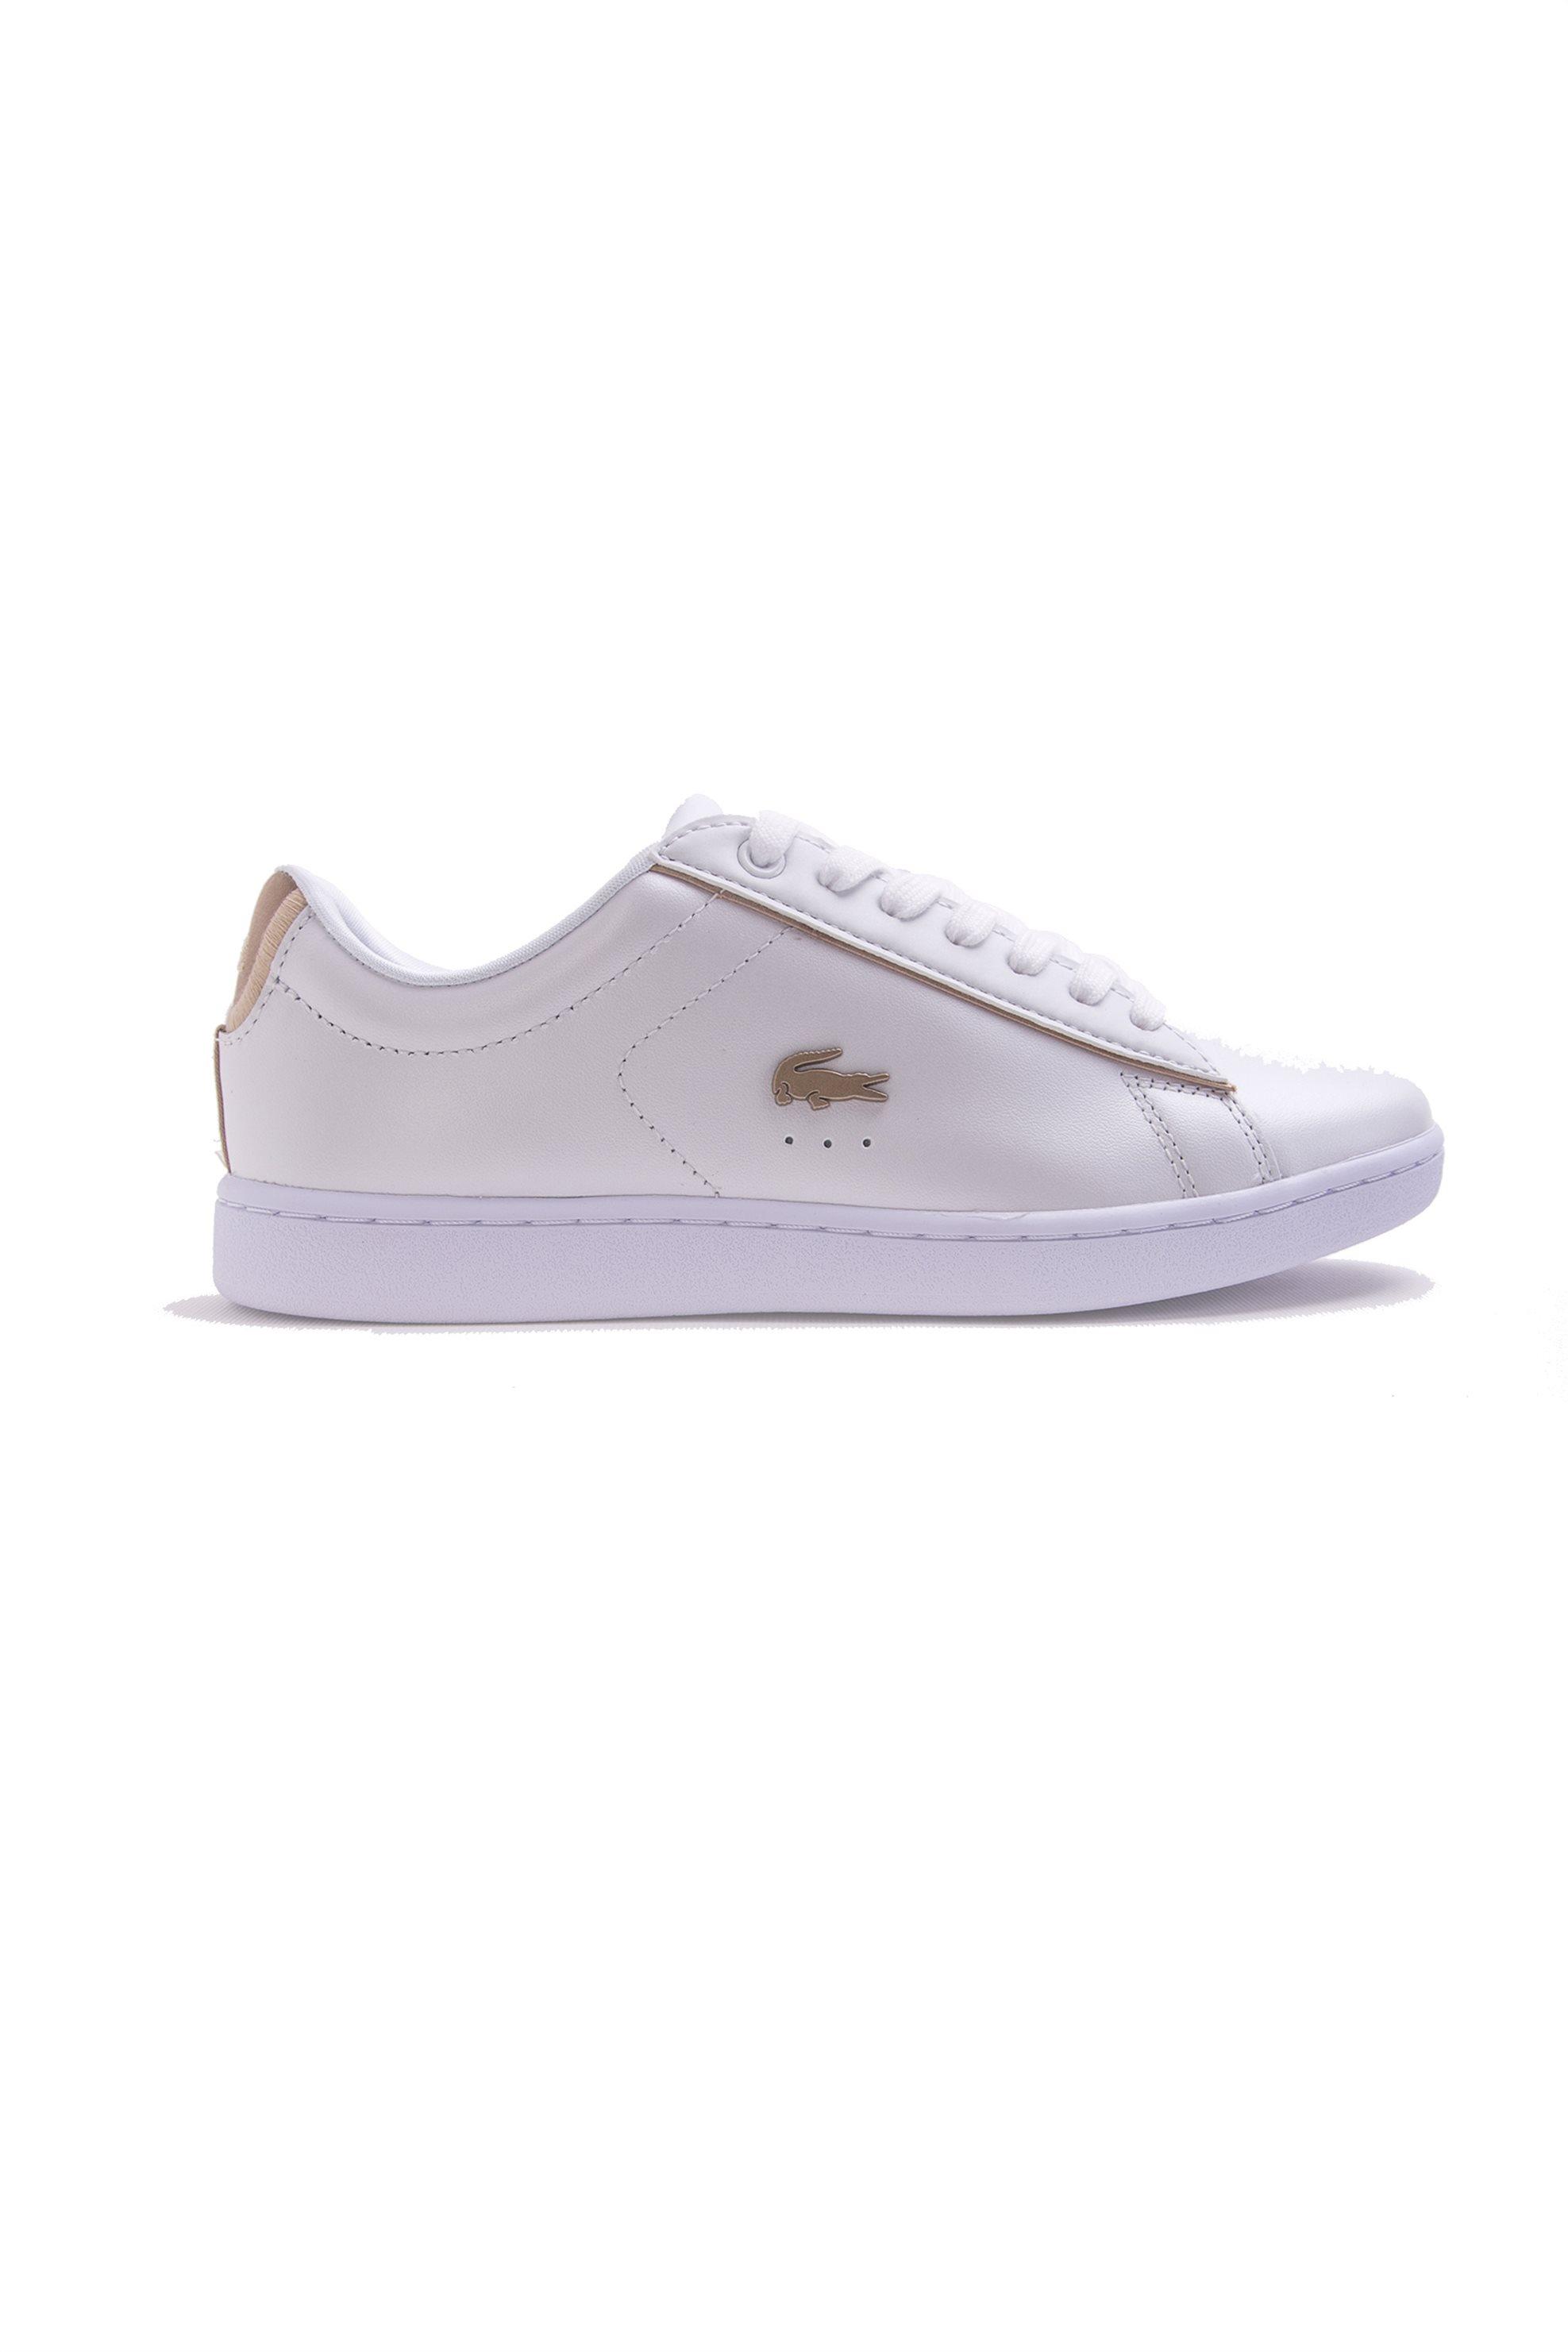 Γυναικεία λευκά sneakers Carnaby Evo Lacoste – 35SPW0013216 – Λευκό